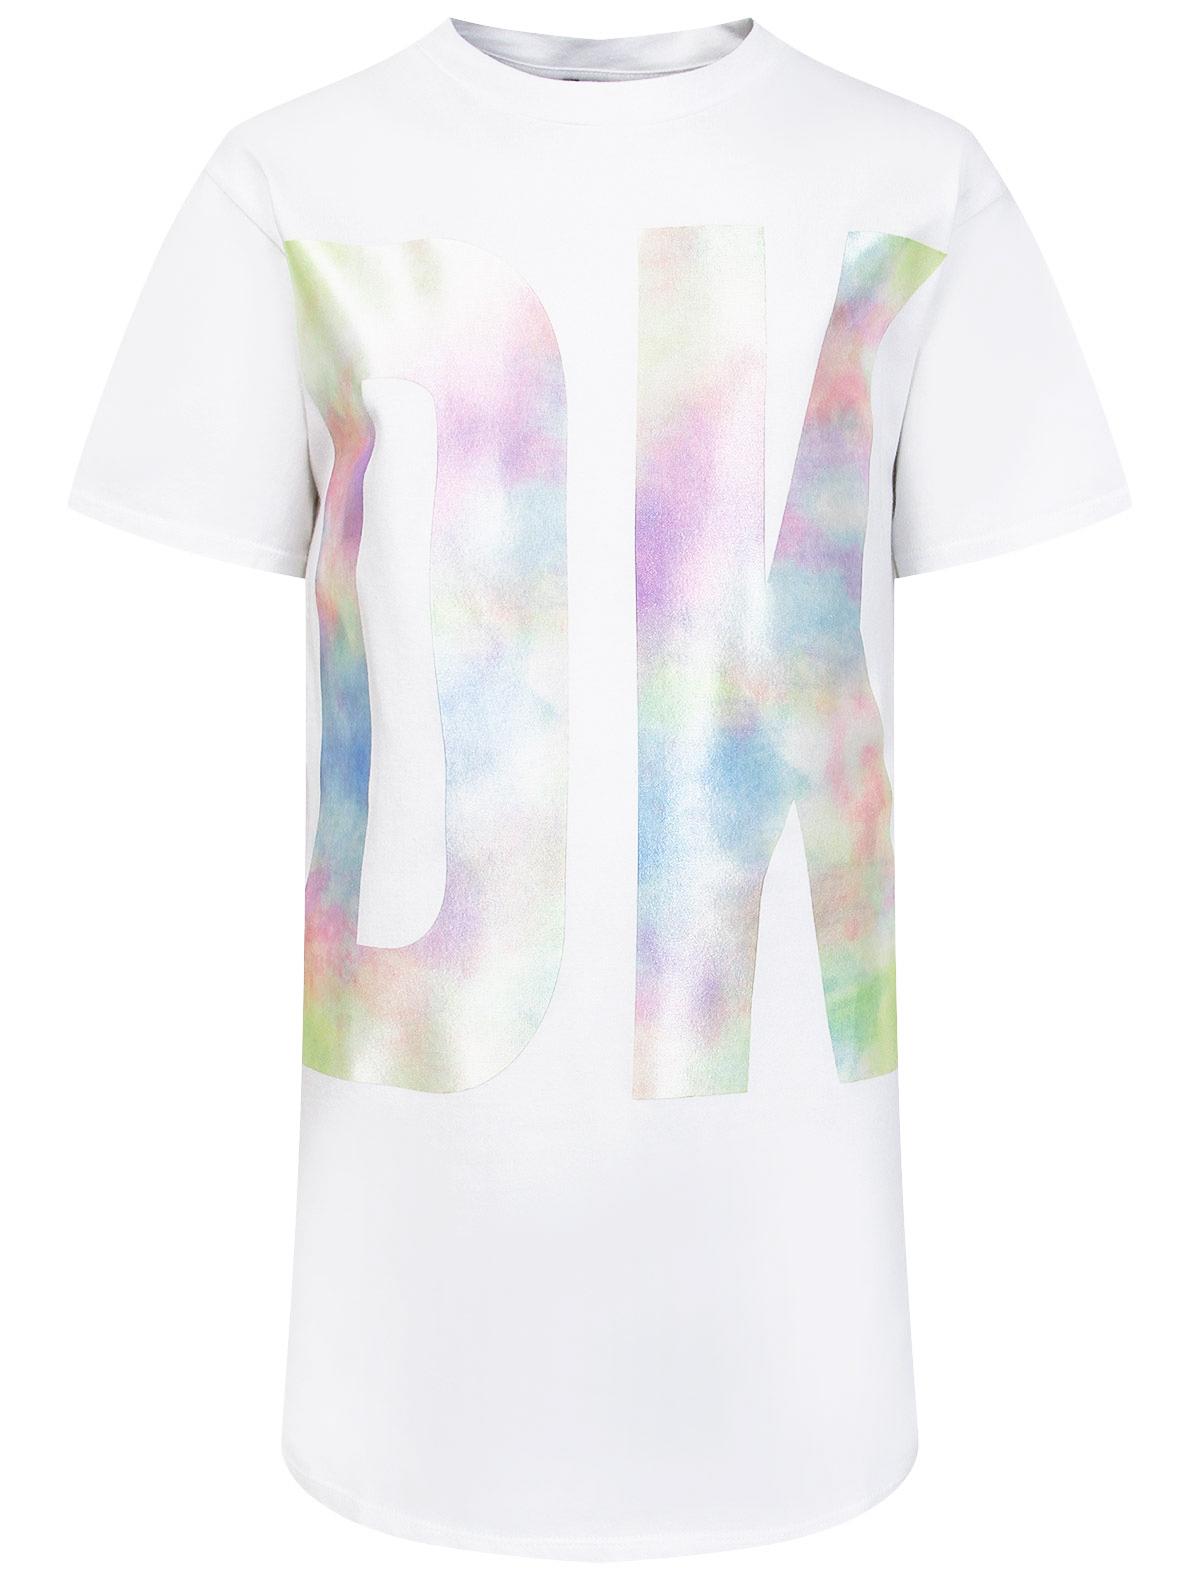 Купить 2309951, Платье DKNY, белый, Женский, 1054609177884